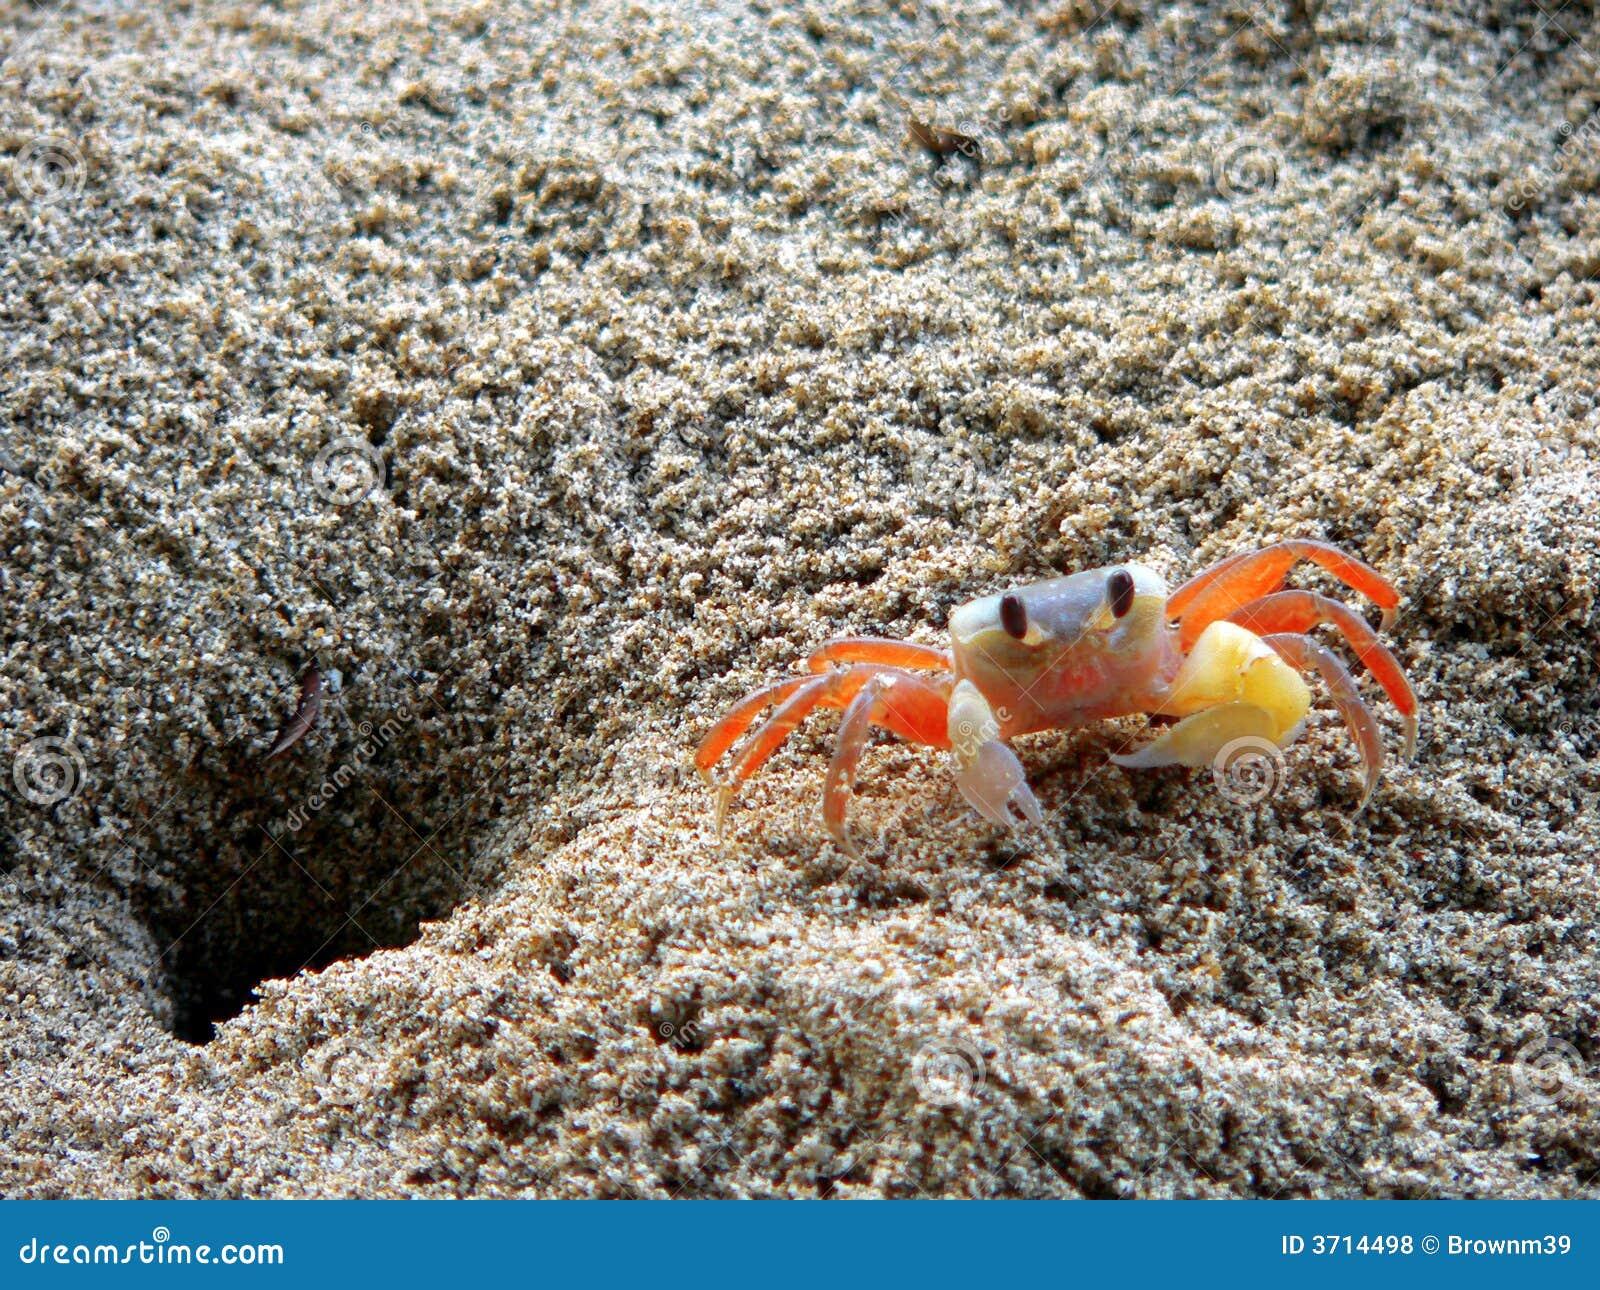 Ngpali Beach Crab